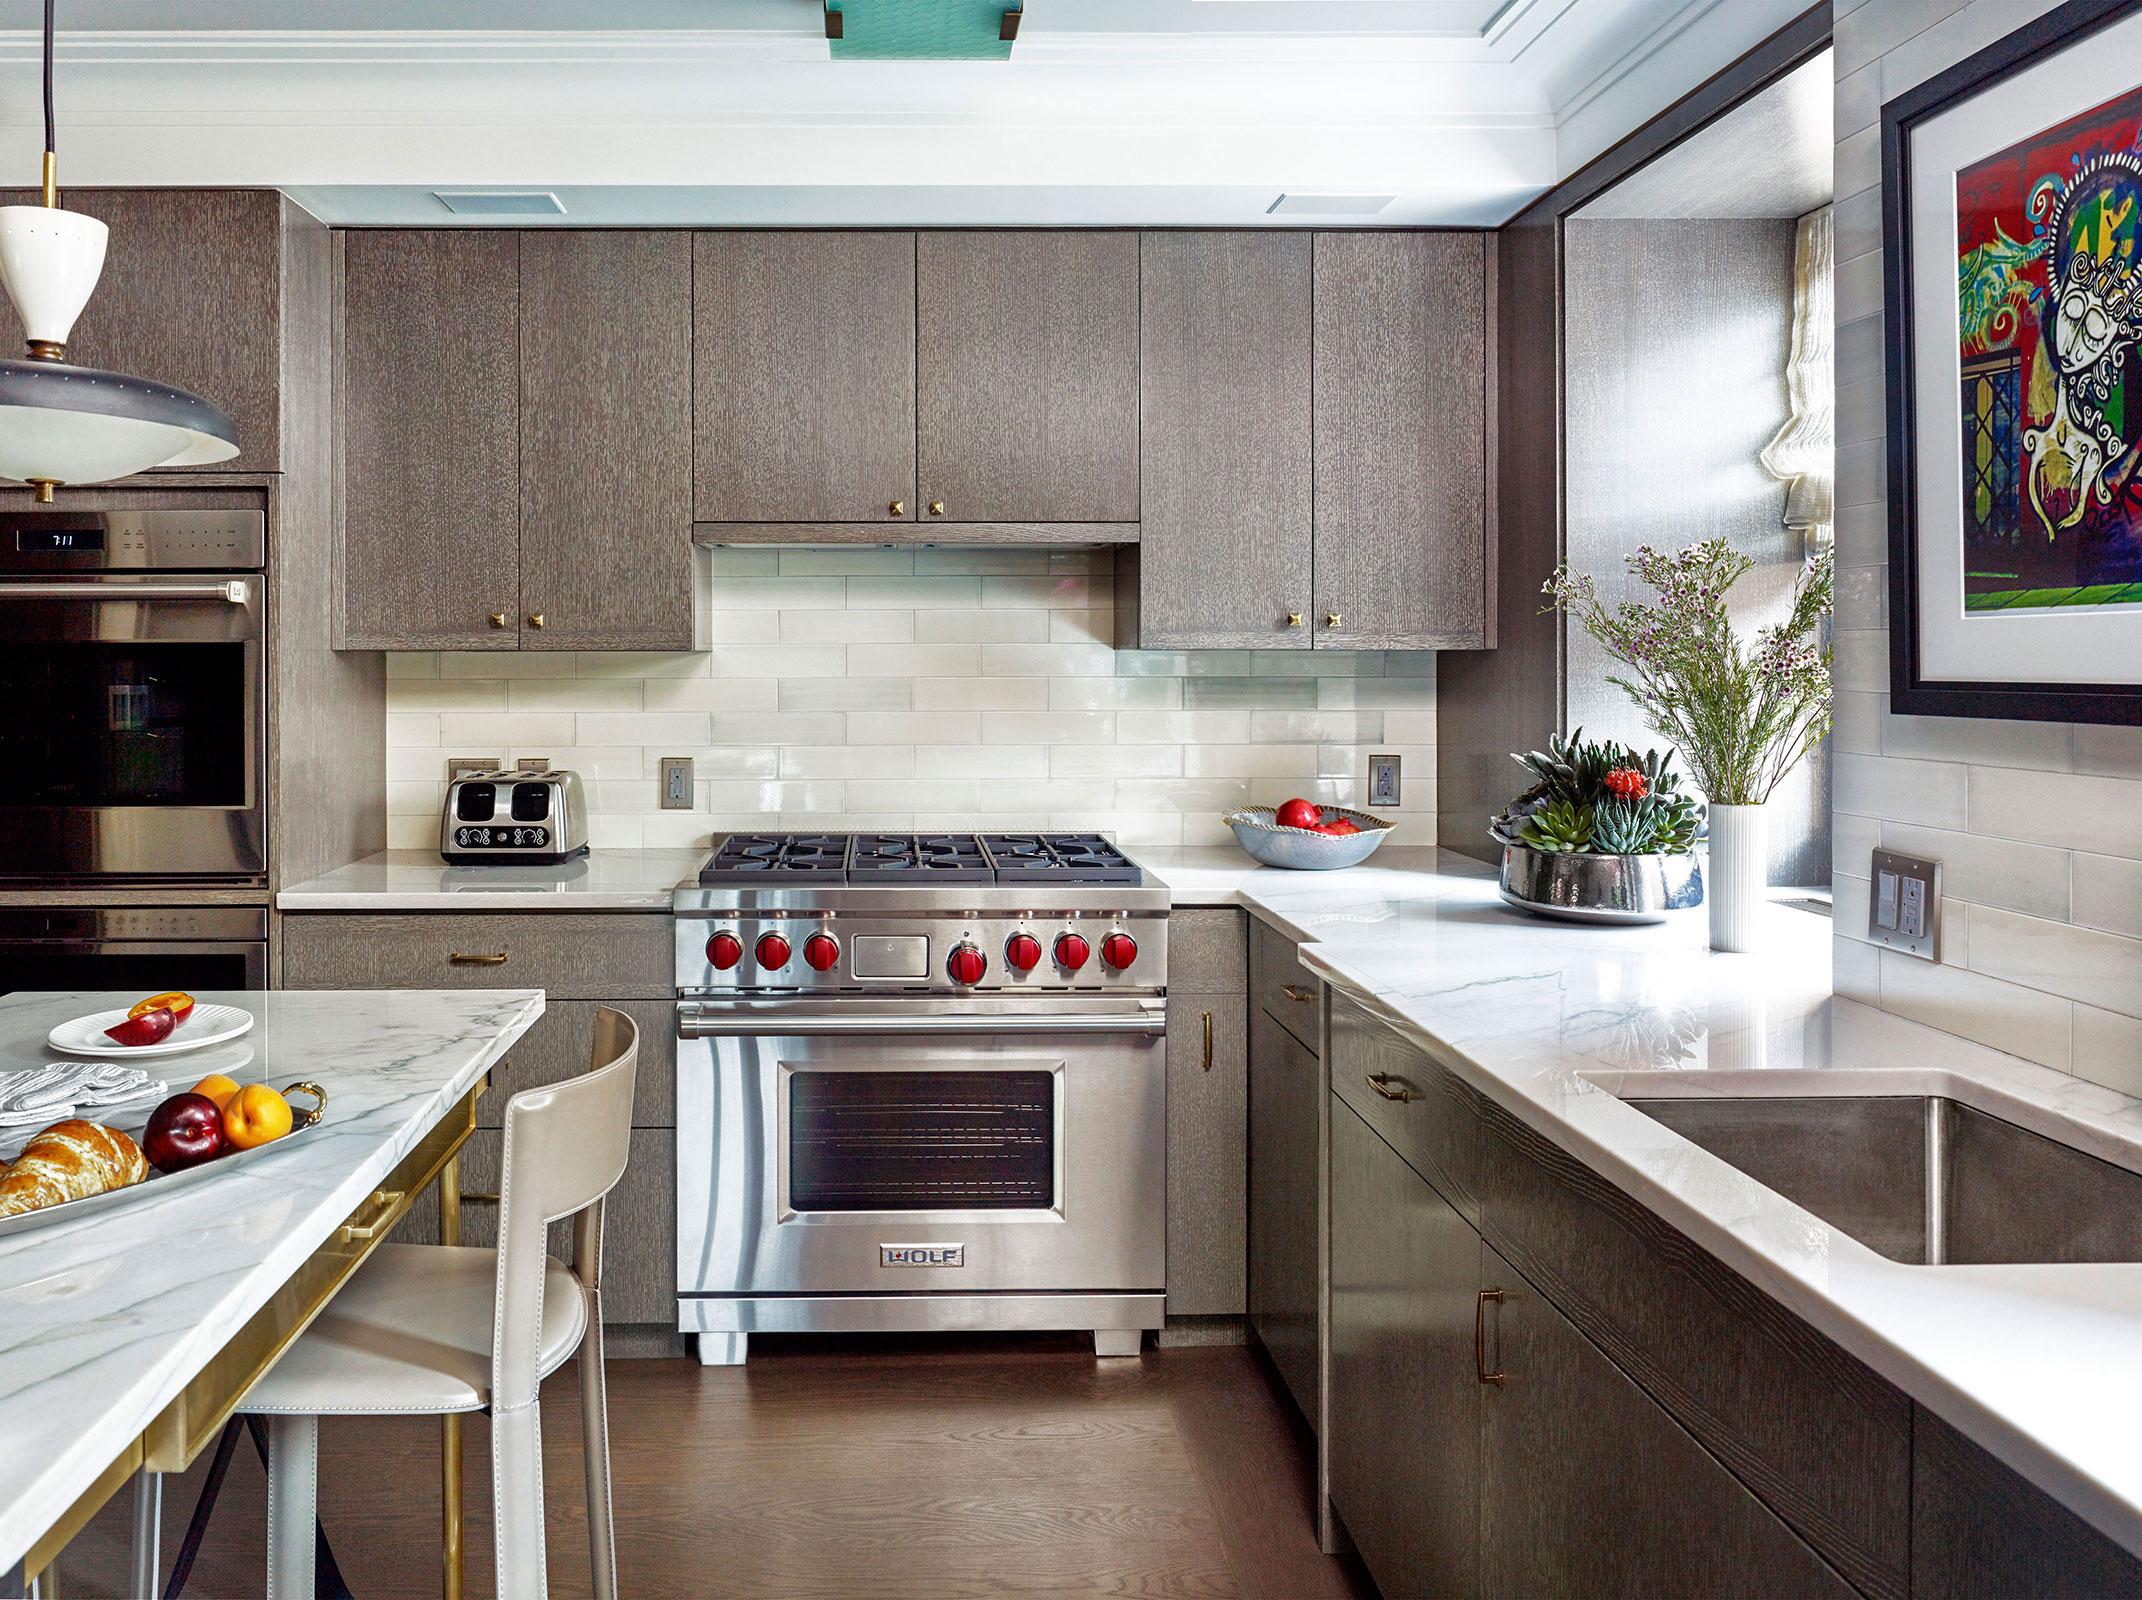 14a-kitchen.jpg